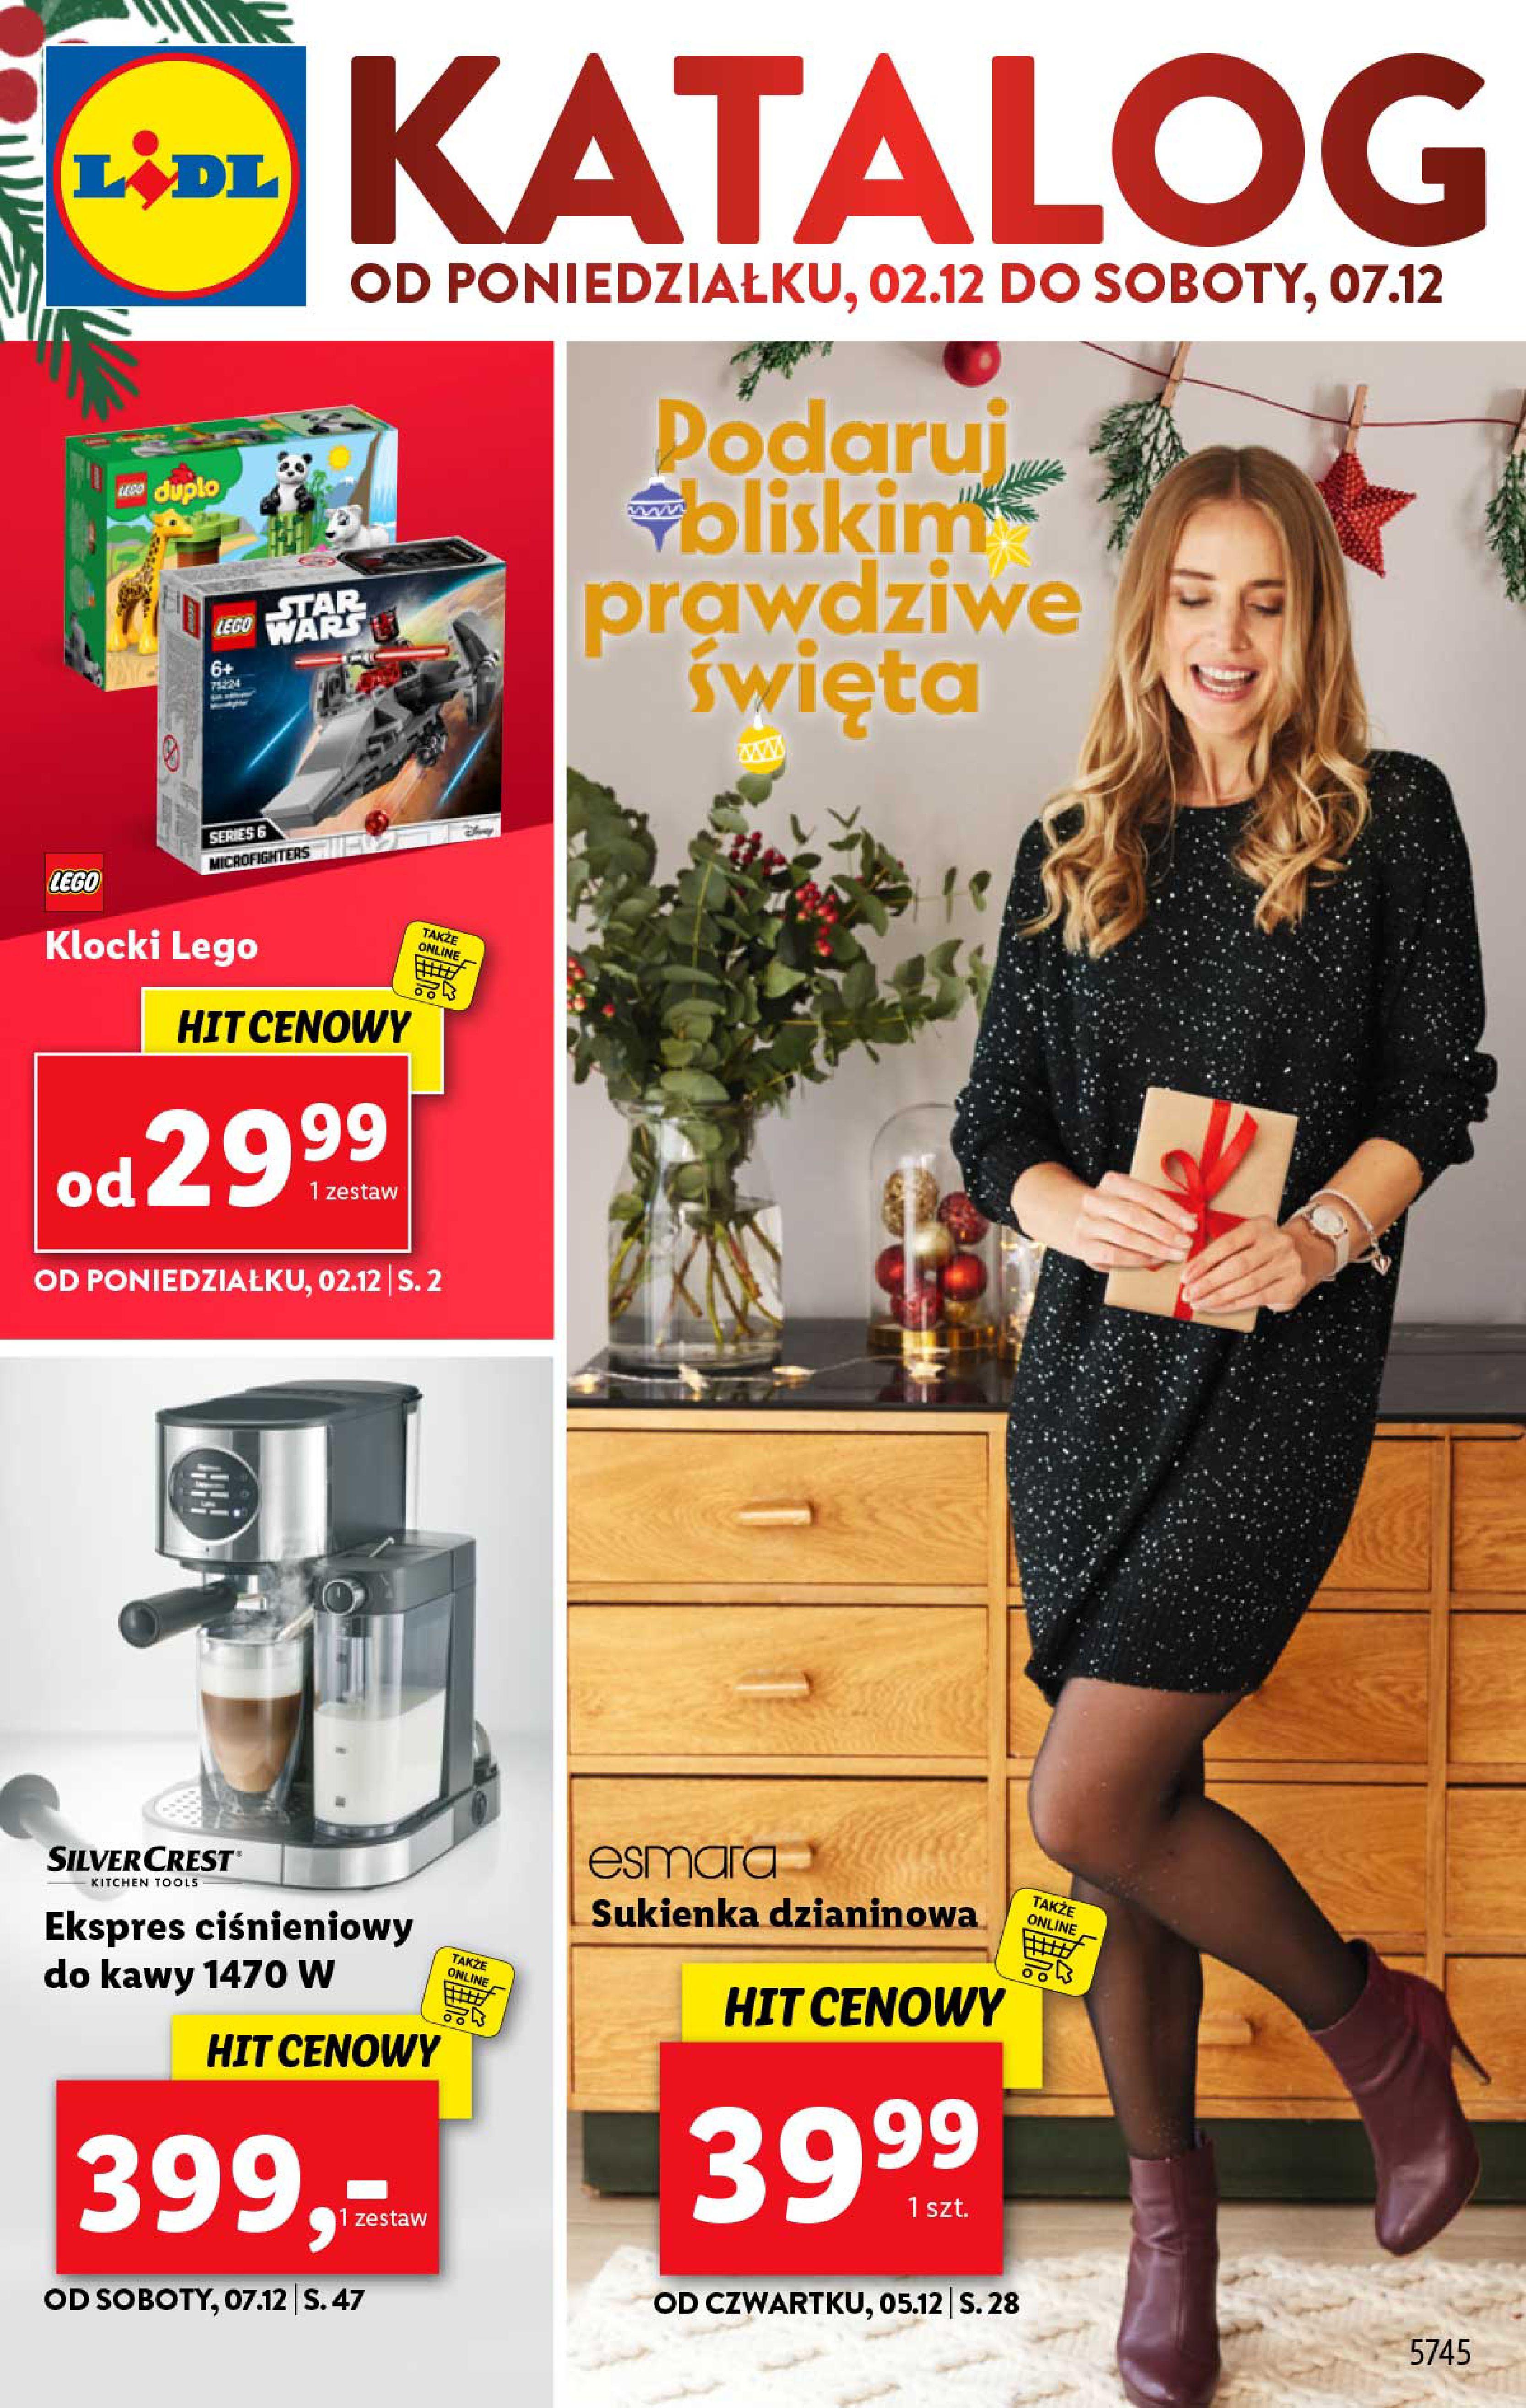 Gazetka Lidl - Katalog od poniedziałku 02.12-01.12.2019-07.12.2019-page-1